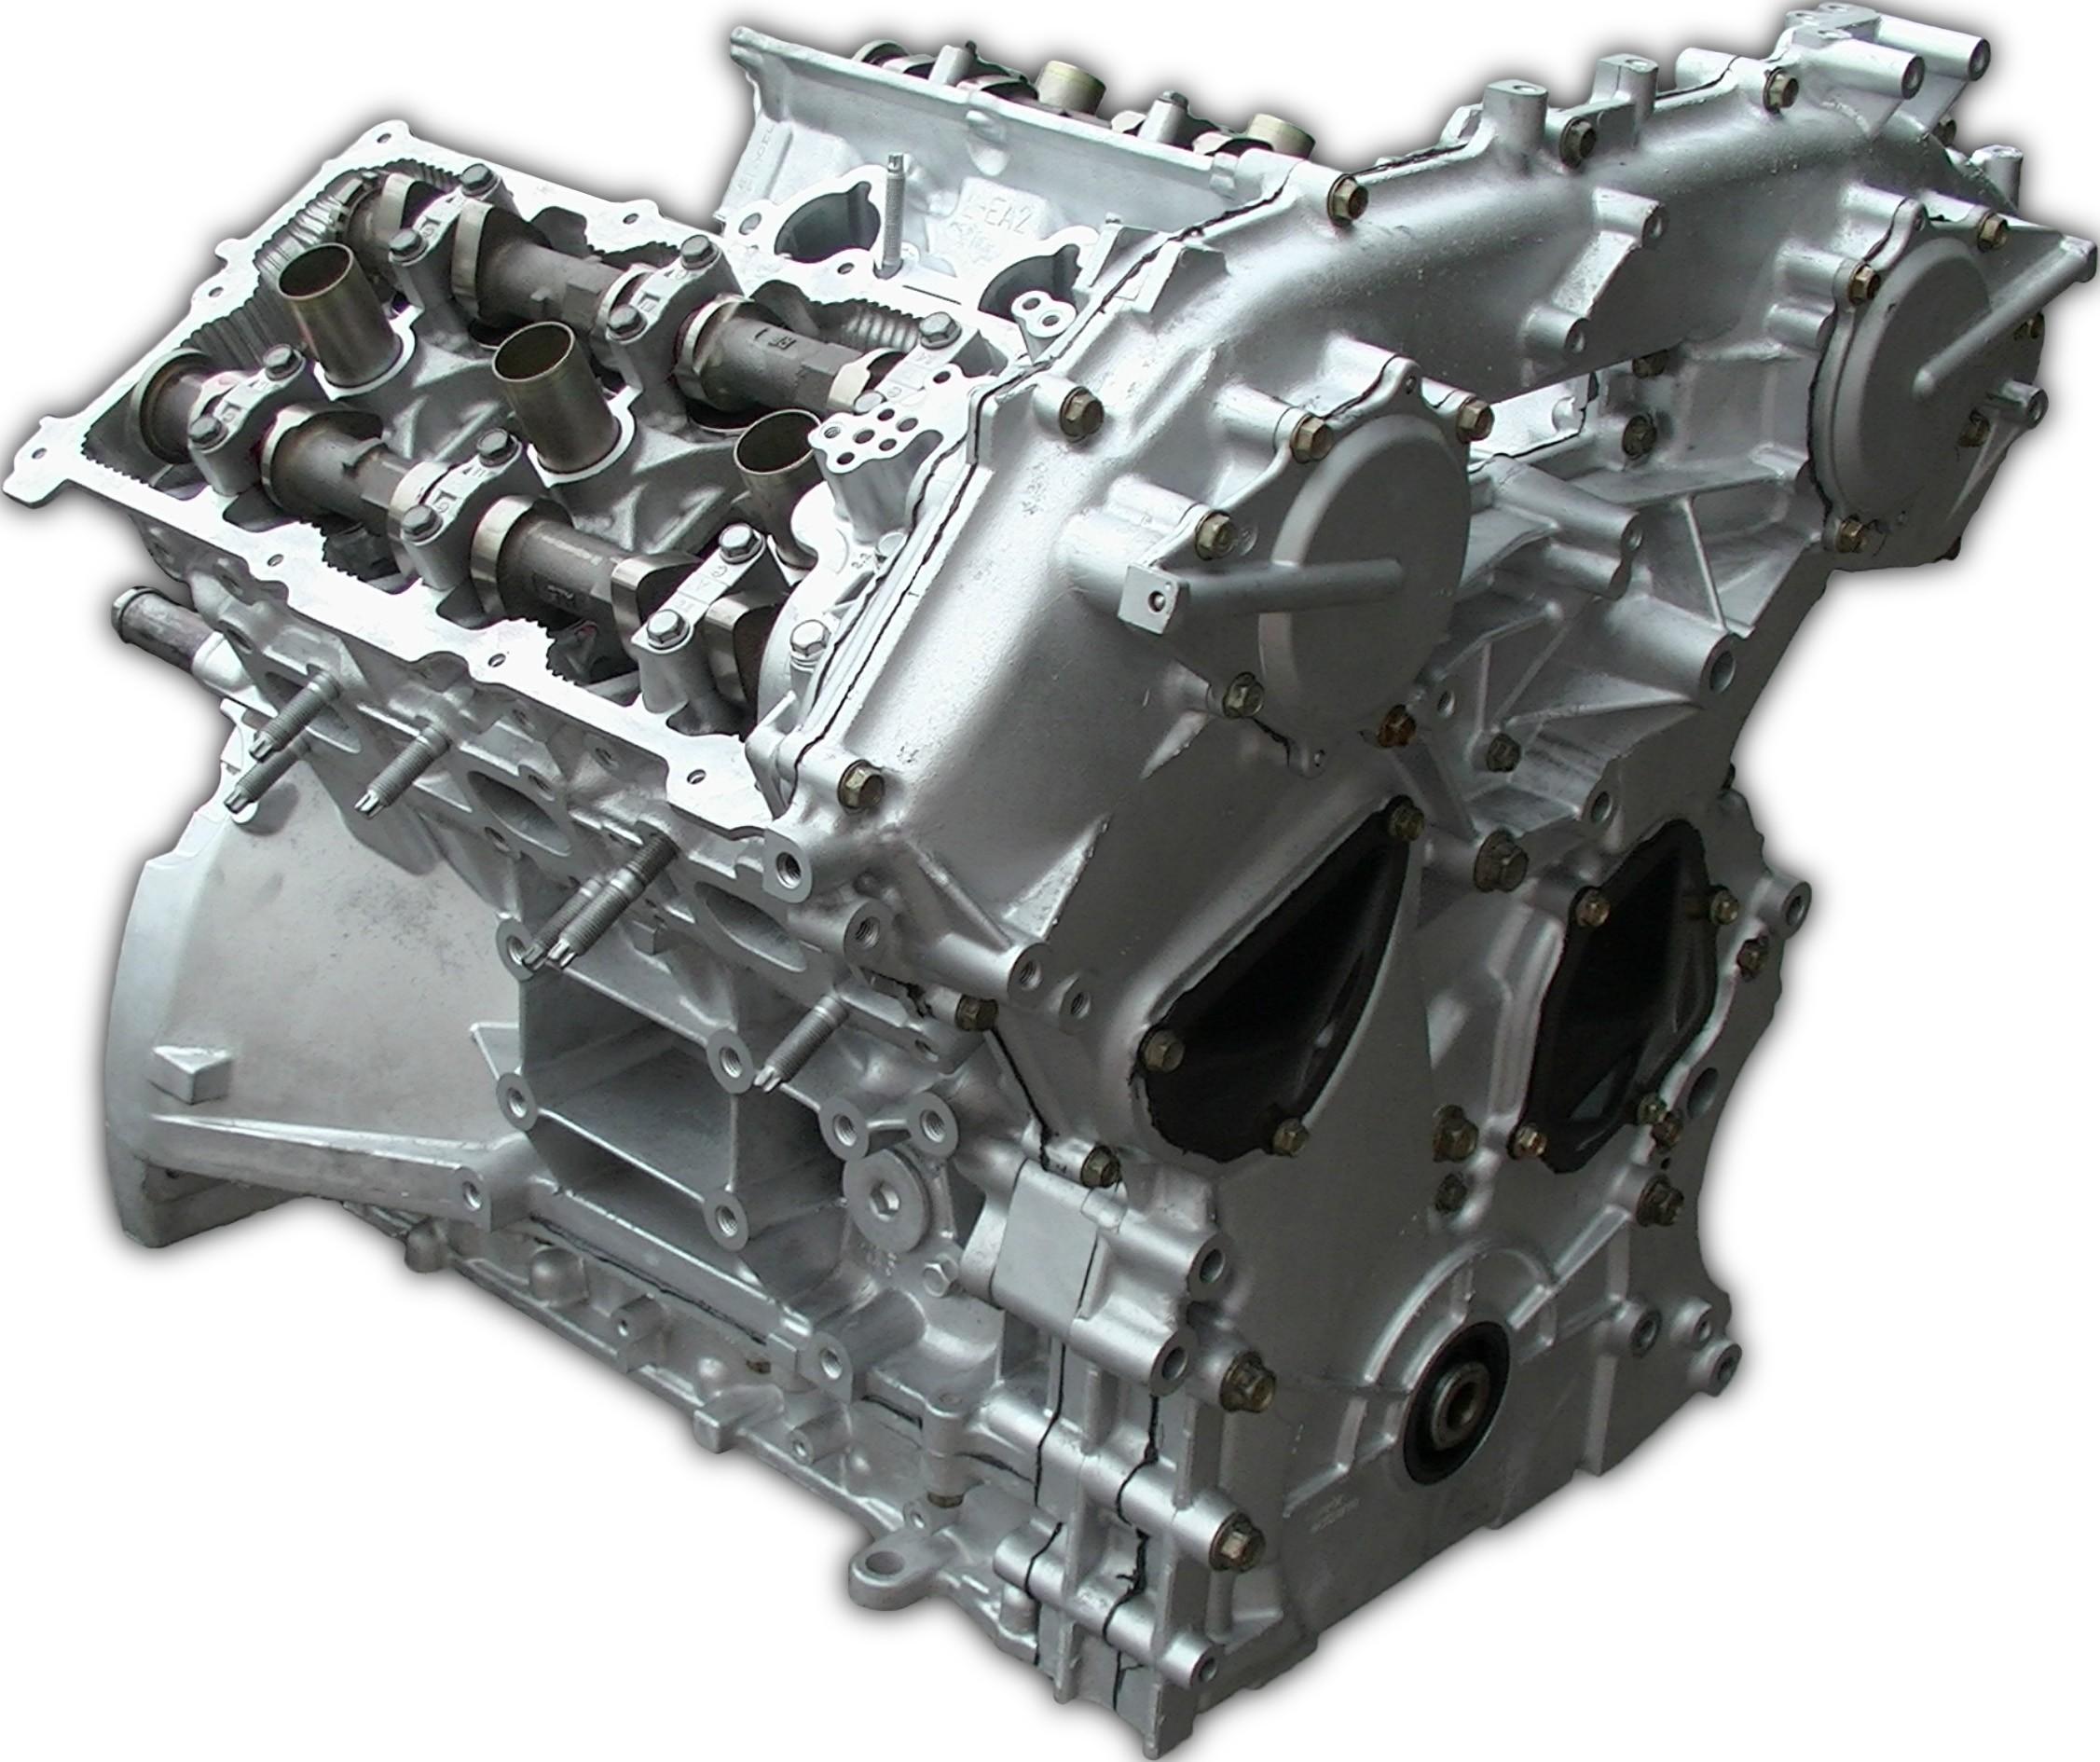 Rebuilt 05-08 Nissan Pathfinder 4.0L V6 VQ40DE Engine ...